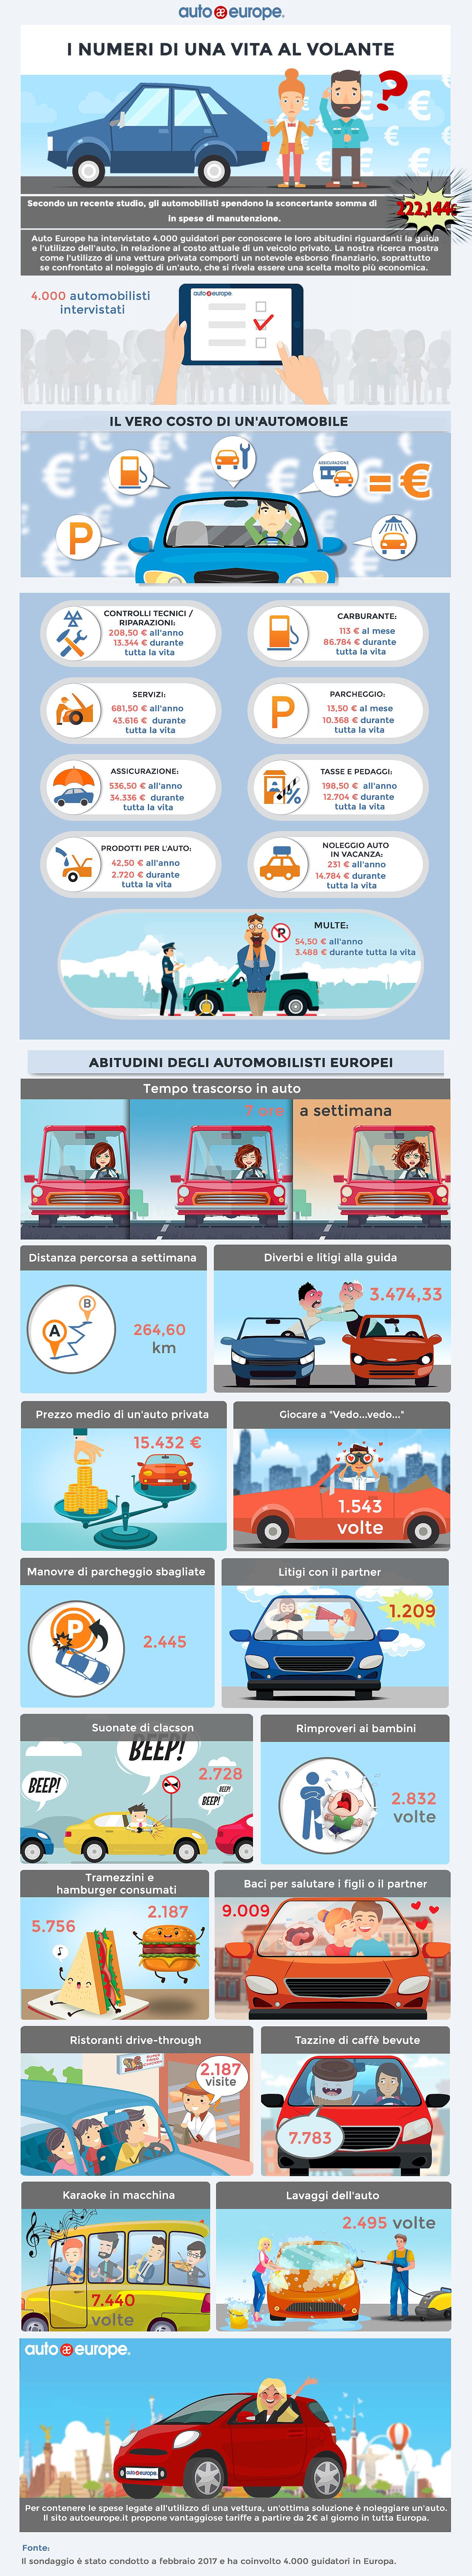 I numeri di una vita al volante | Infografica Auto Europe